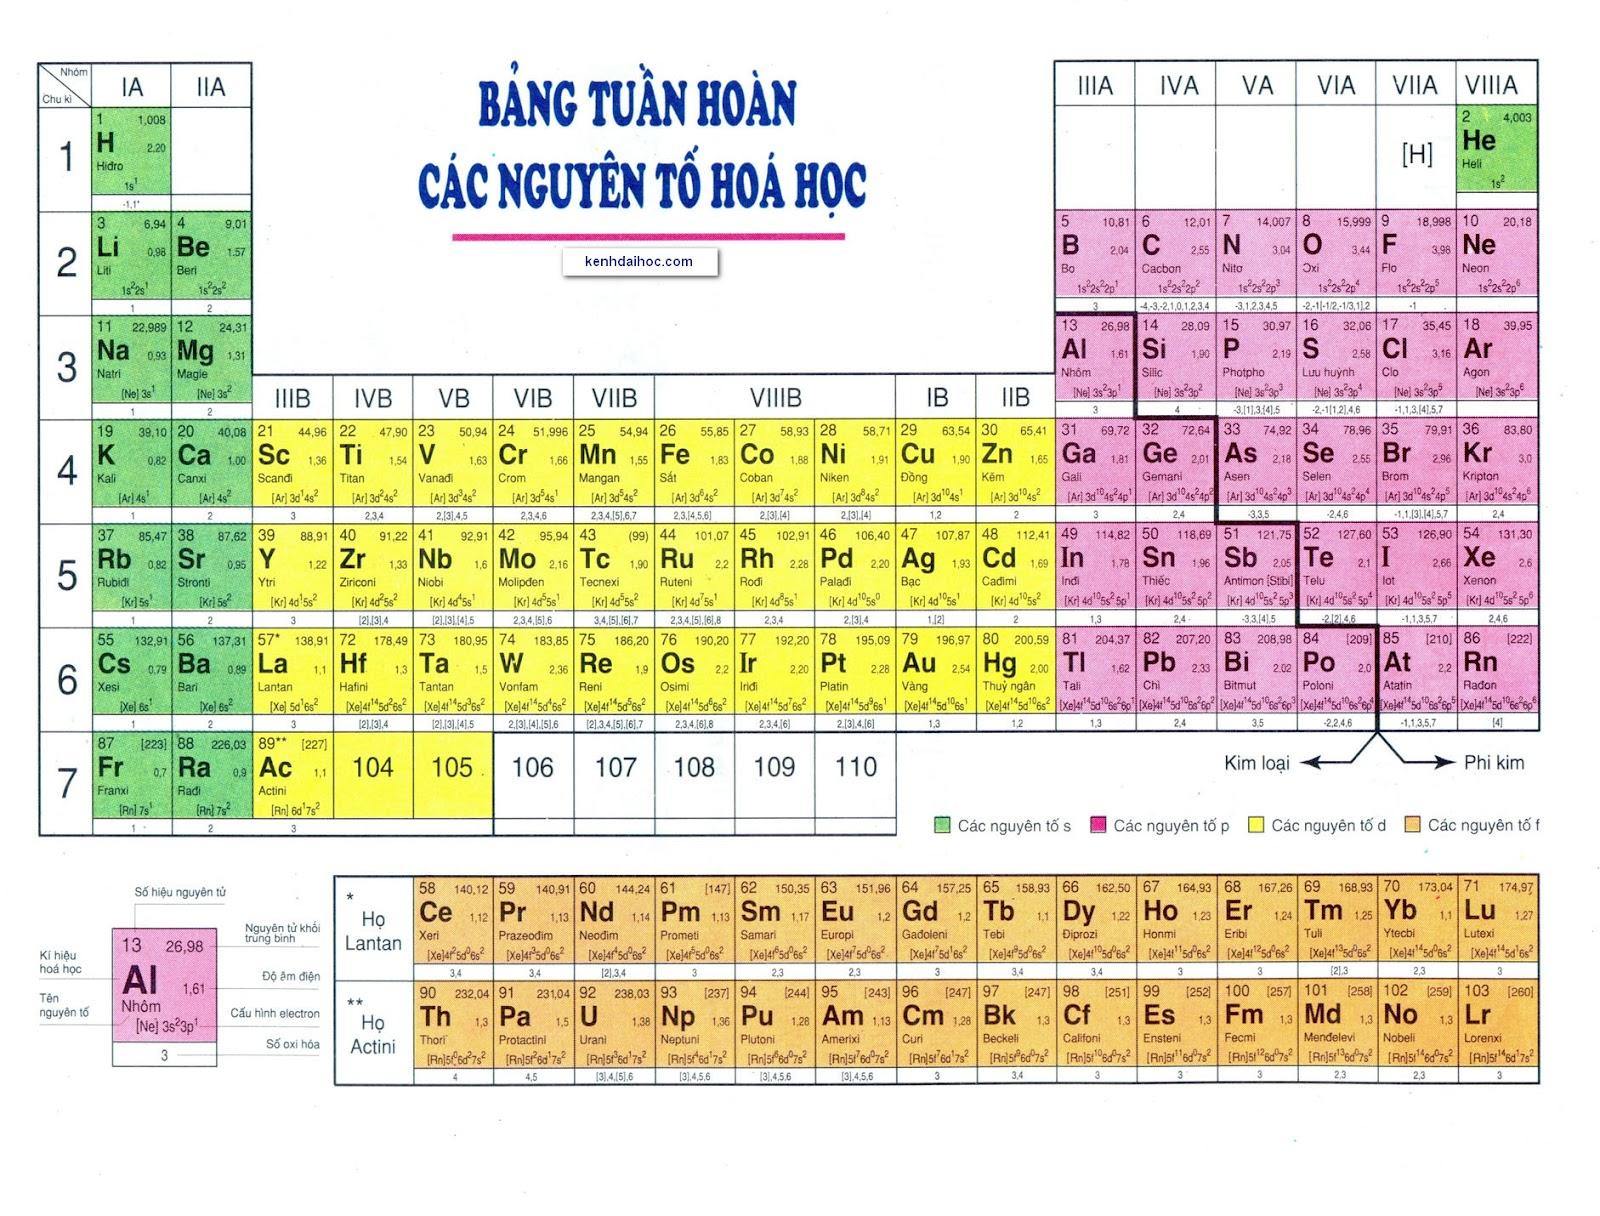 Khí Heli trên bảng tuần hoàn các nguyên tố hóa học